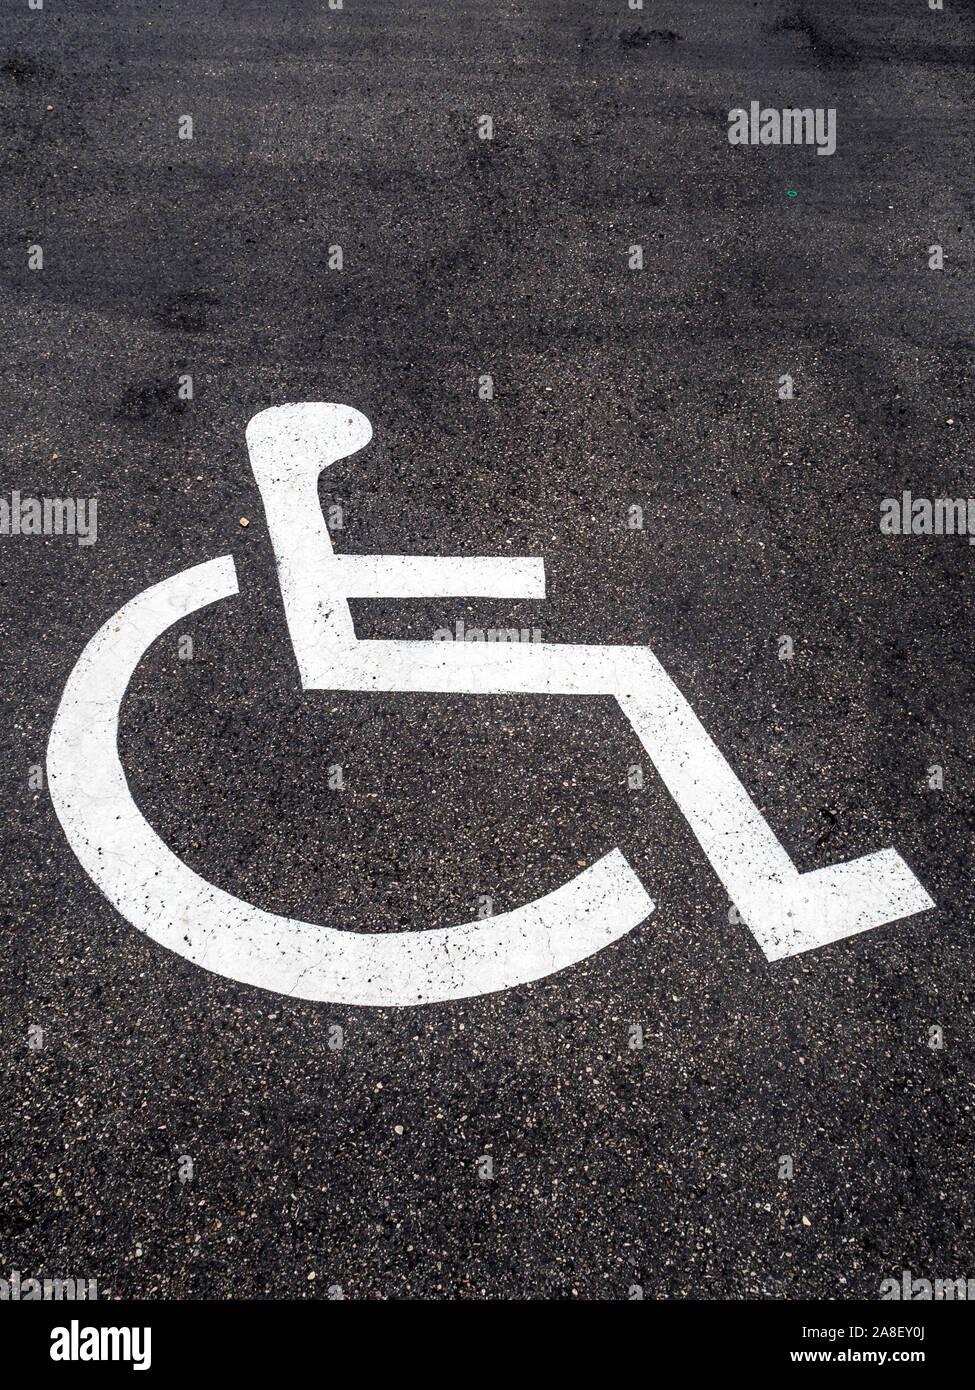 Ein Rollstuhl ist auf einem Parkplatz für Behinderte angebracht. Stock Photo